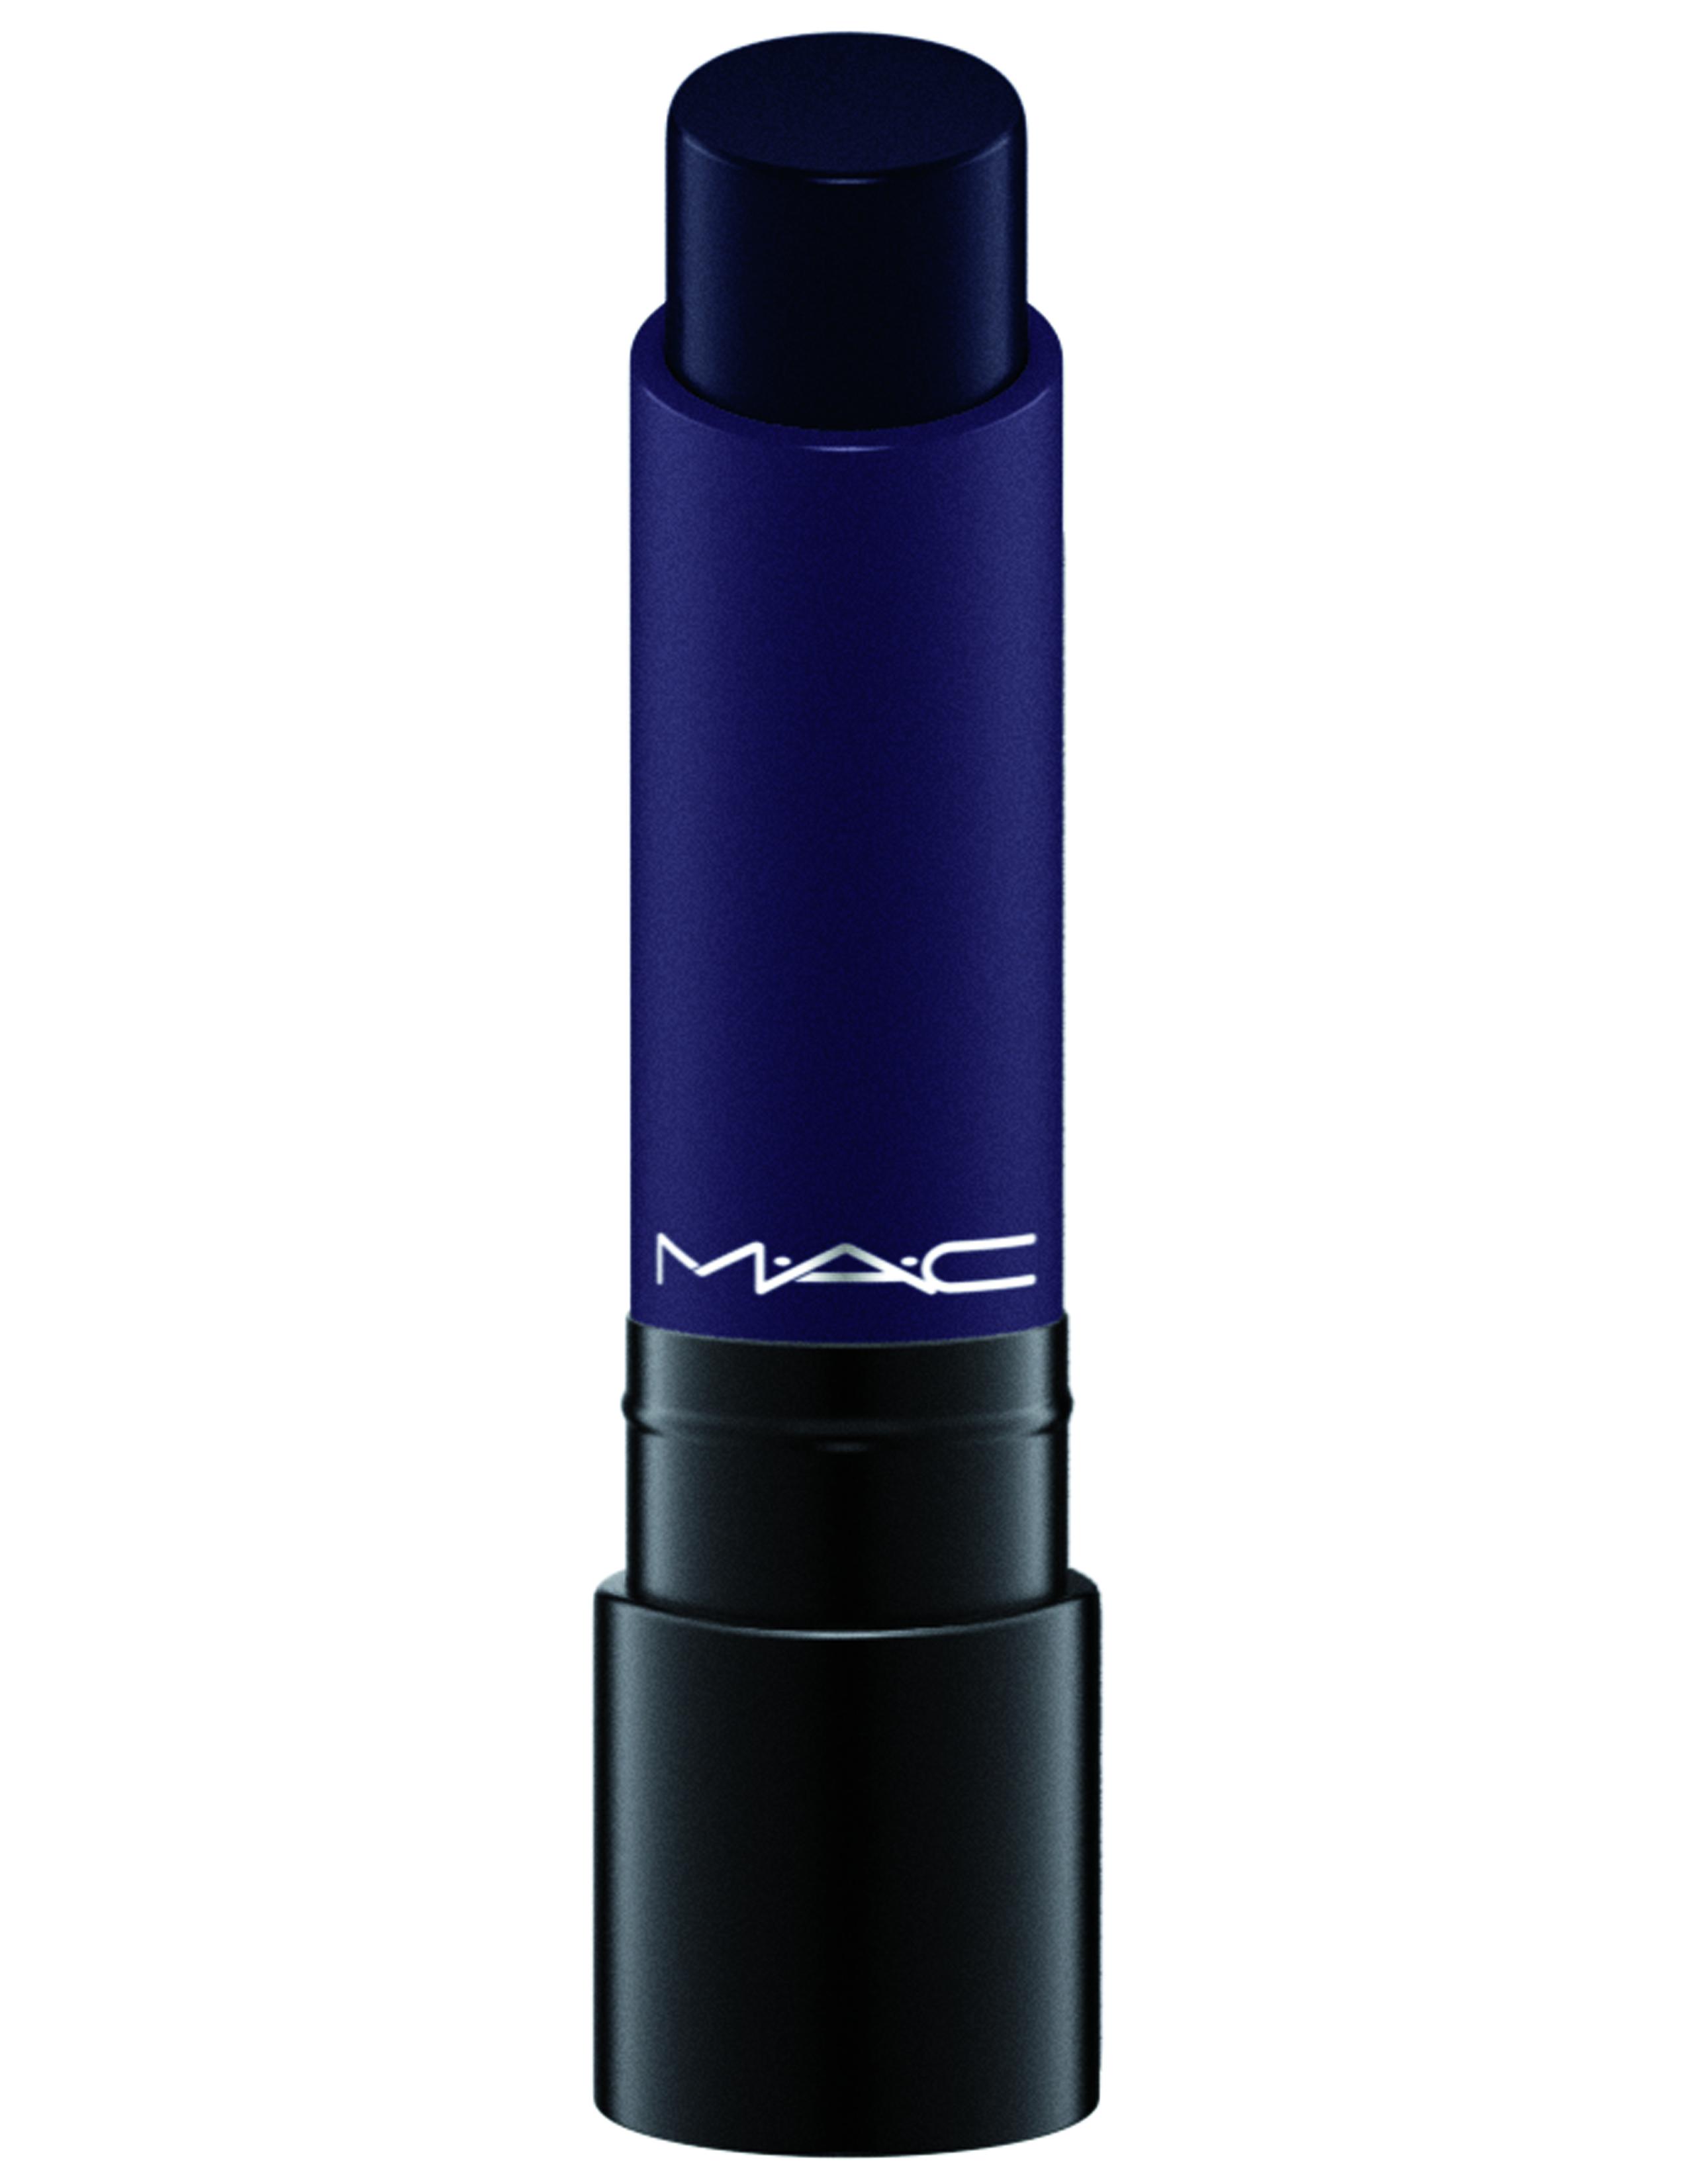 MAC Liptensity LiptensityLipstick BlueBeat 300dpiCMYK 1 U oktobru stižu novi MAC LIPTENSITY ruževi za usne